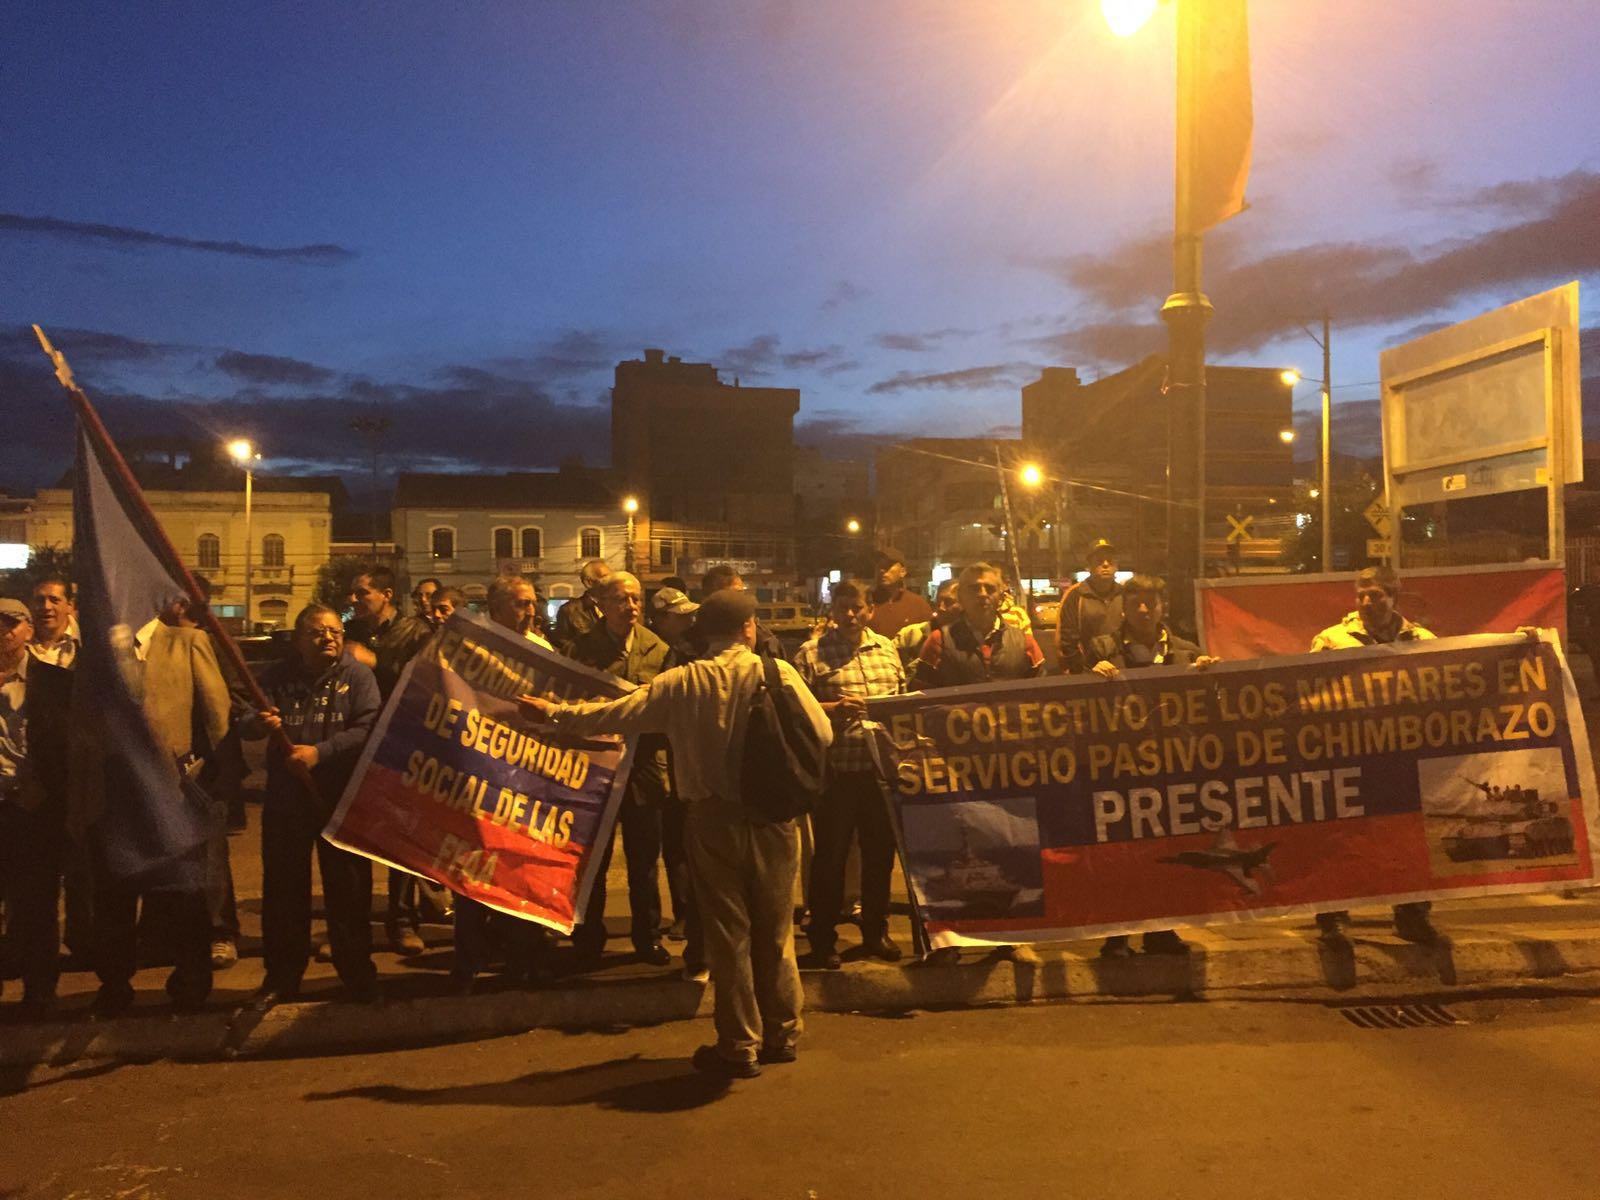 Un grupo de militares retirados hicieron un plantón en Riobamba para reclamar por el tema del Issfa.